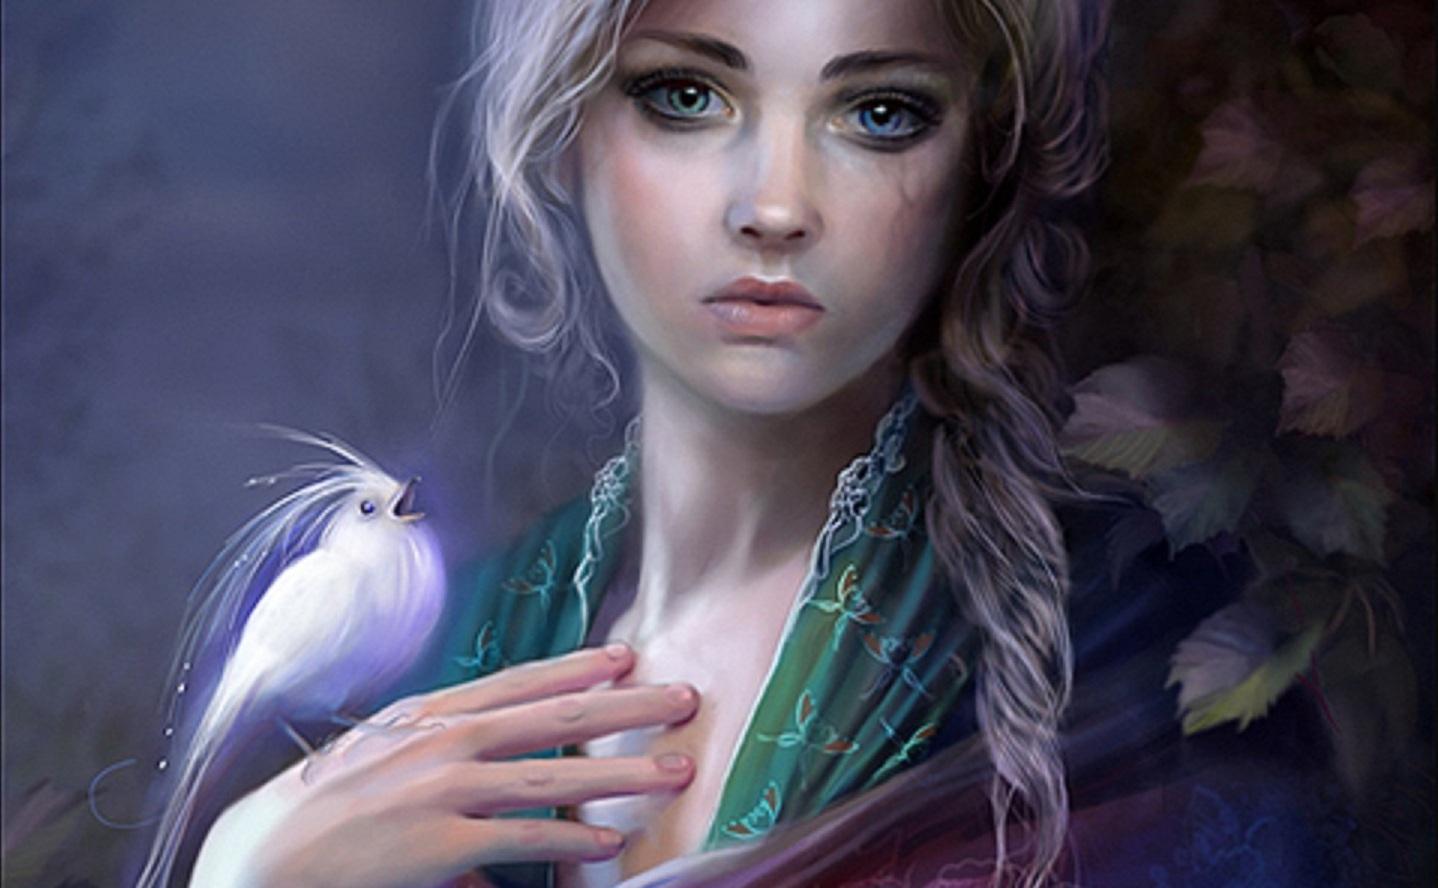 Nightingale Computer Wallpapers Desktop Backgrounds 1438x888 ID 1438x888